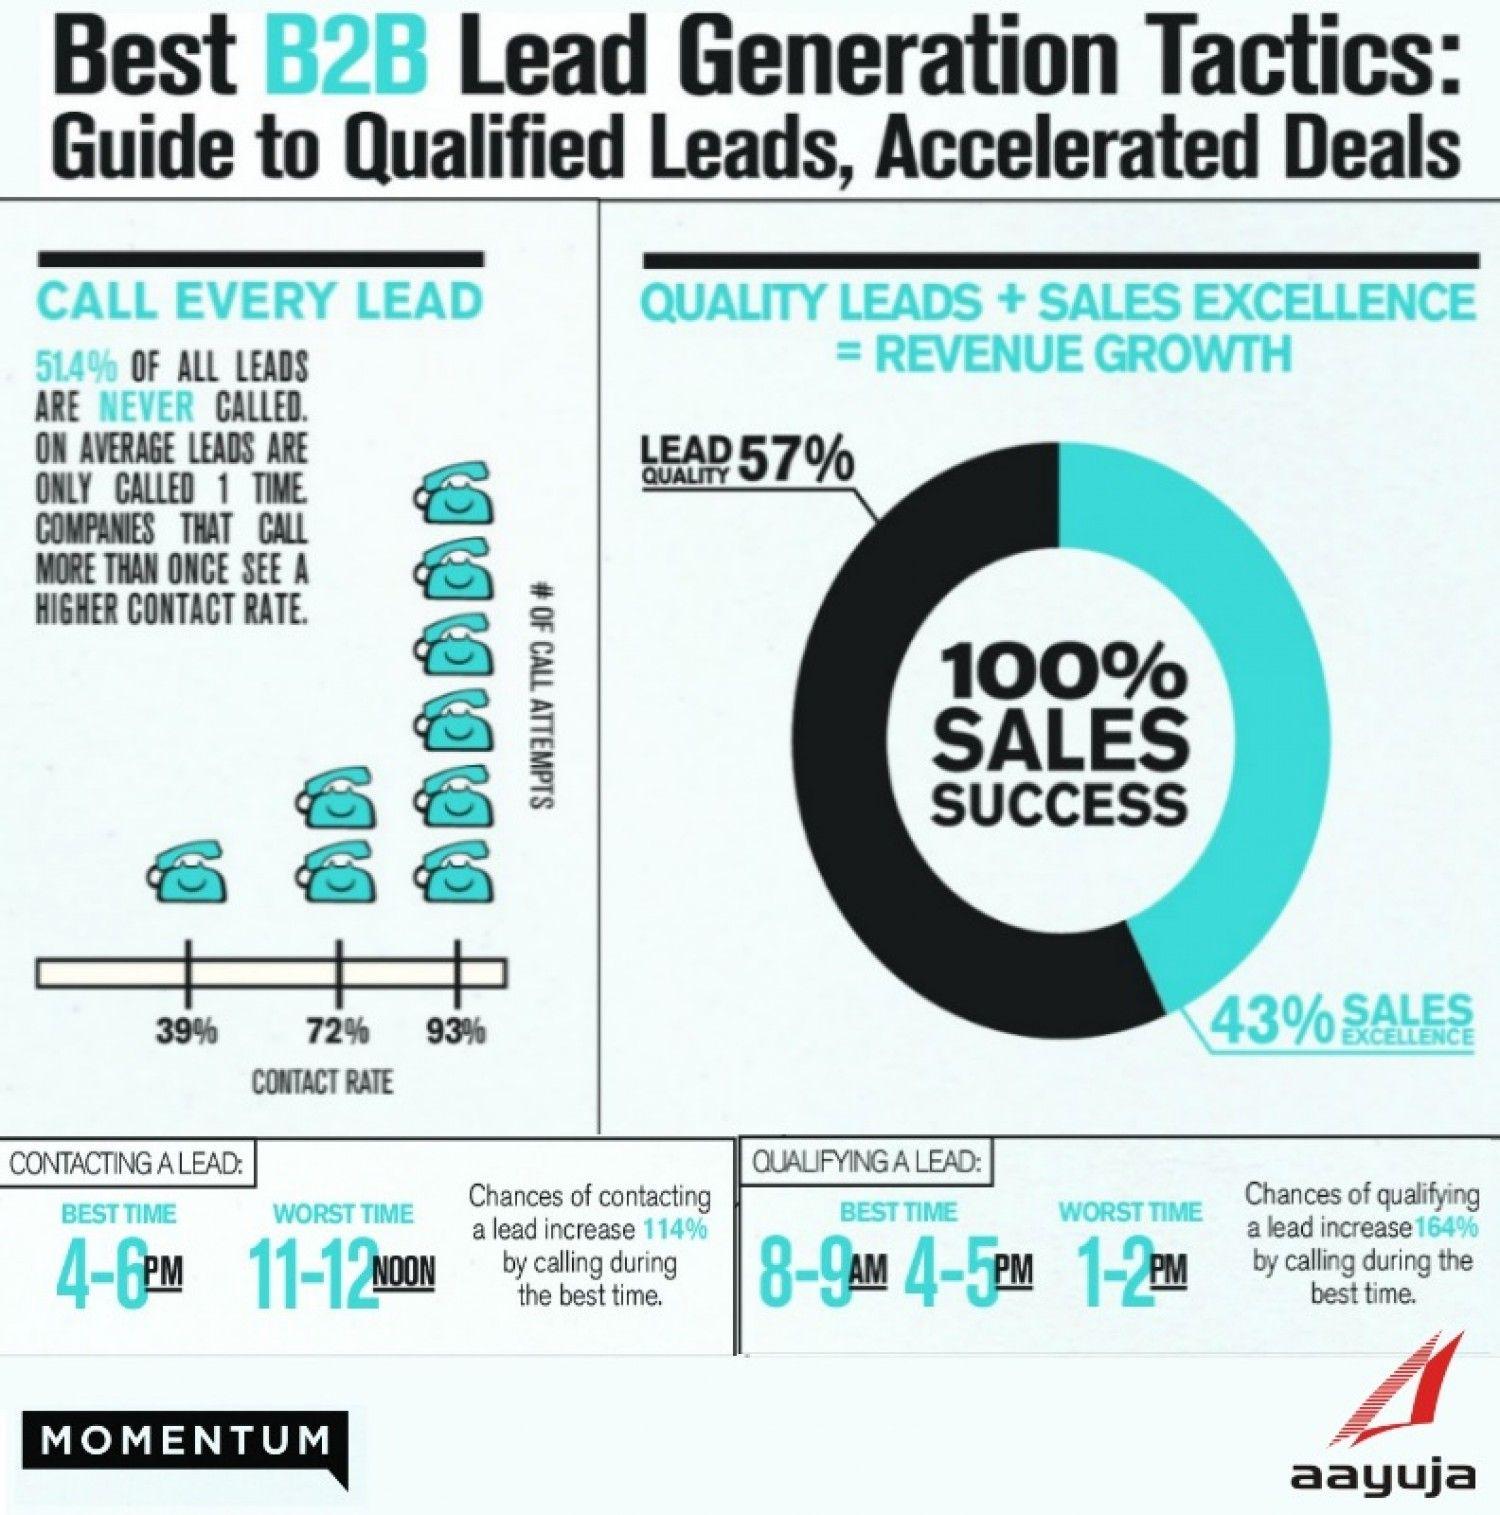 Best B2B Lead Generation Tactics Visual.ly B2B